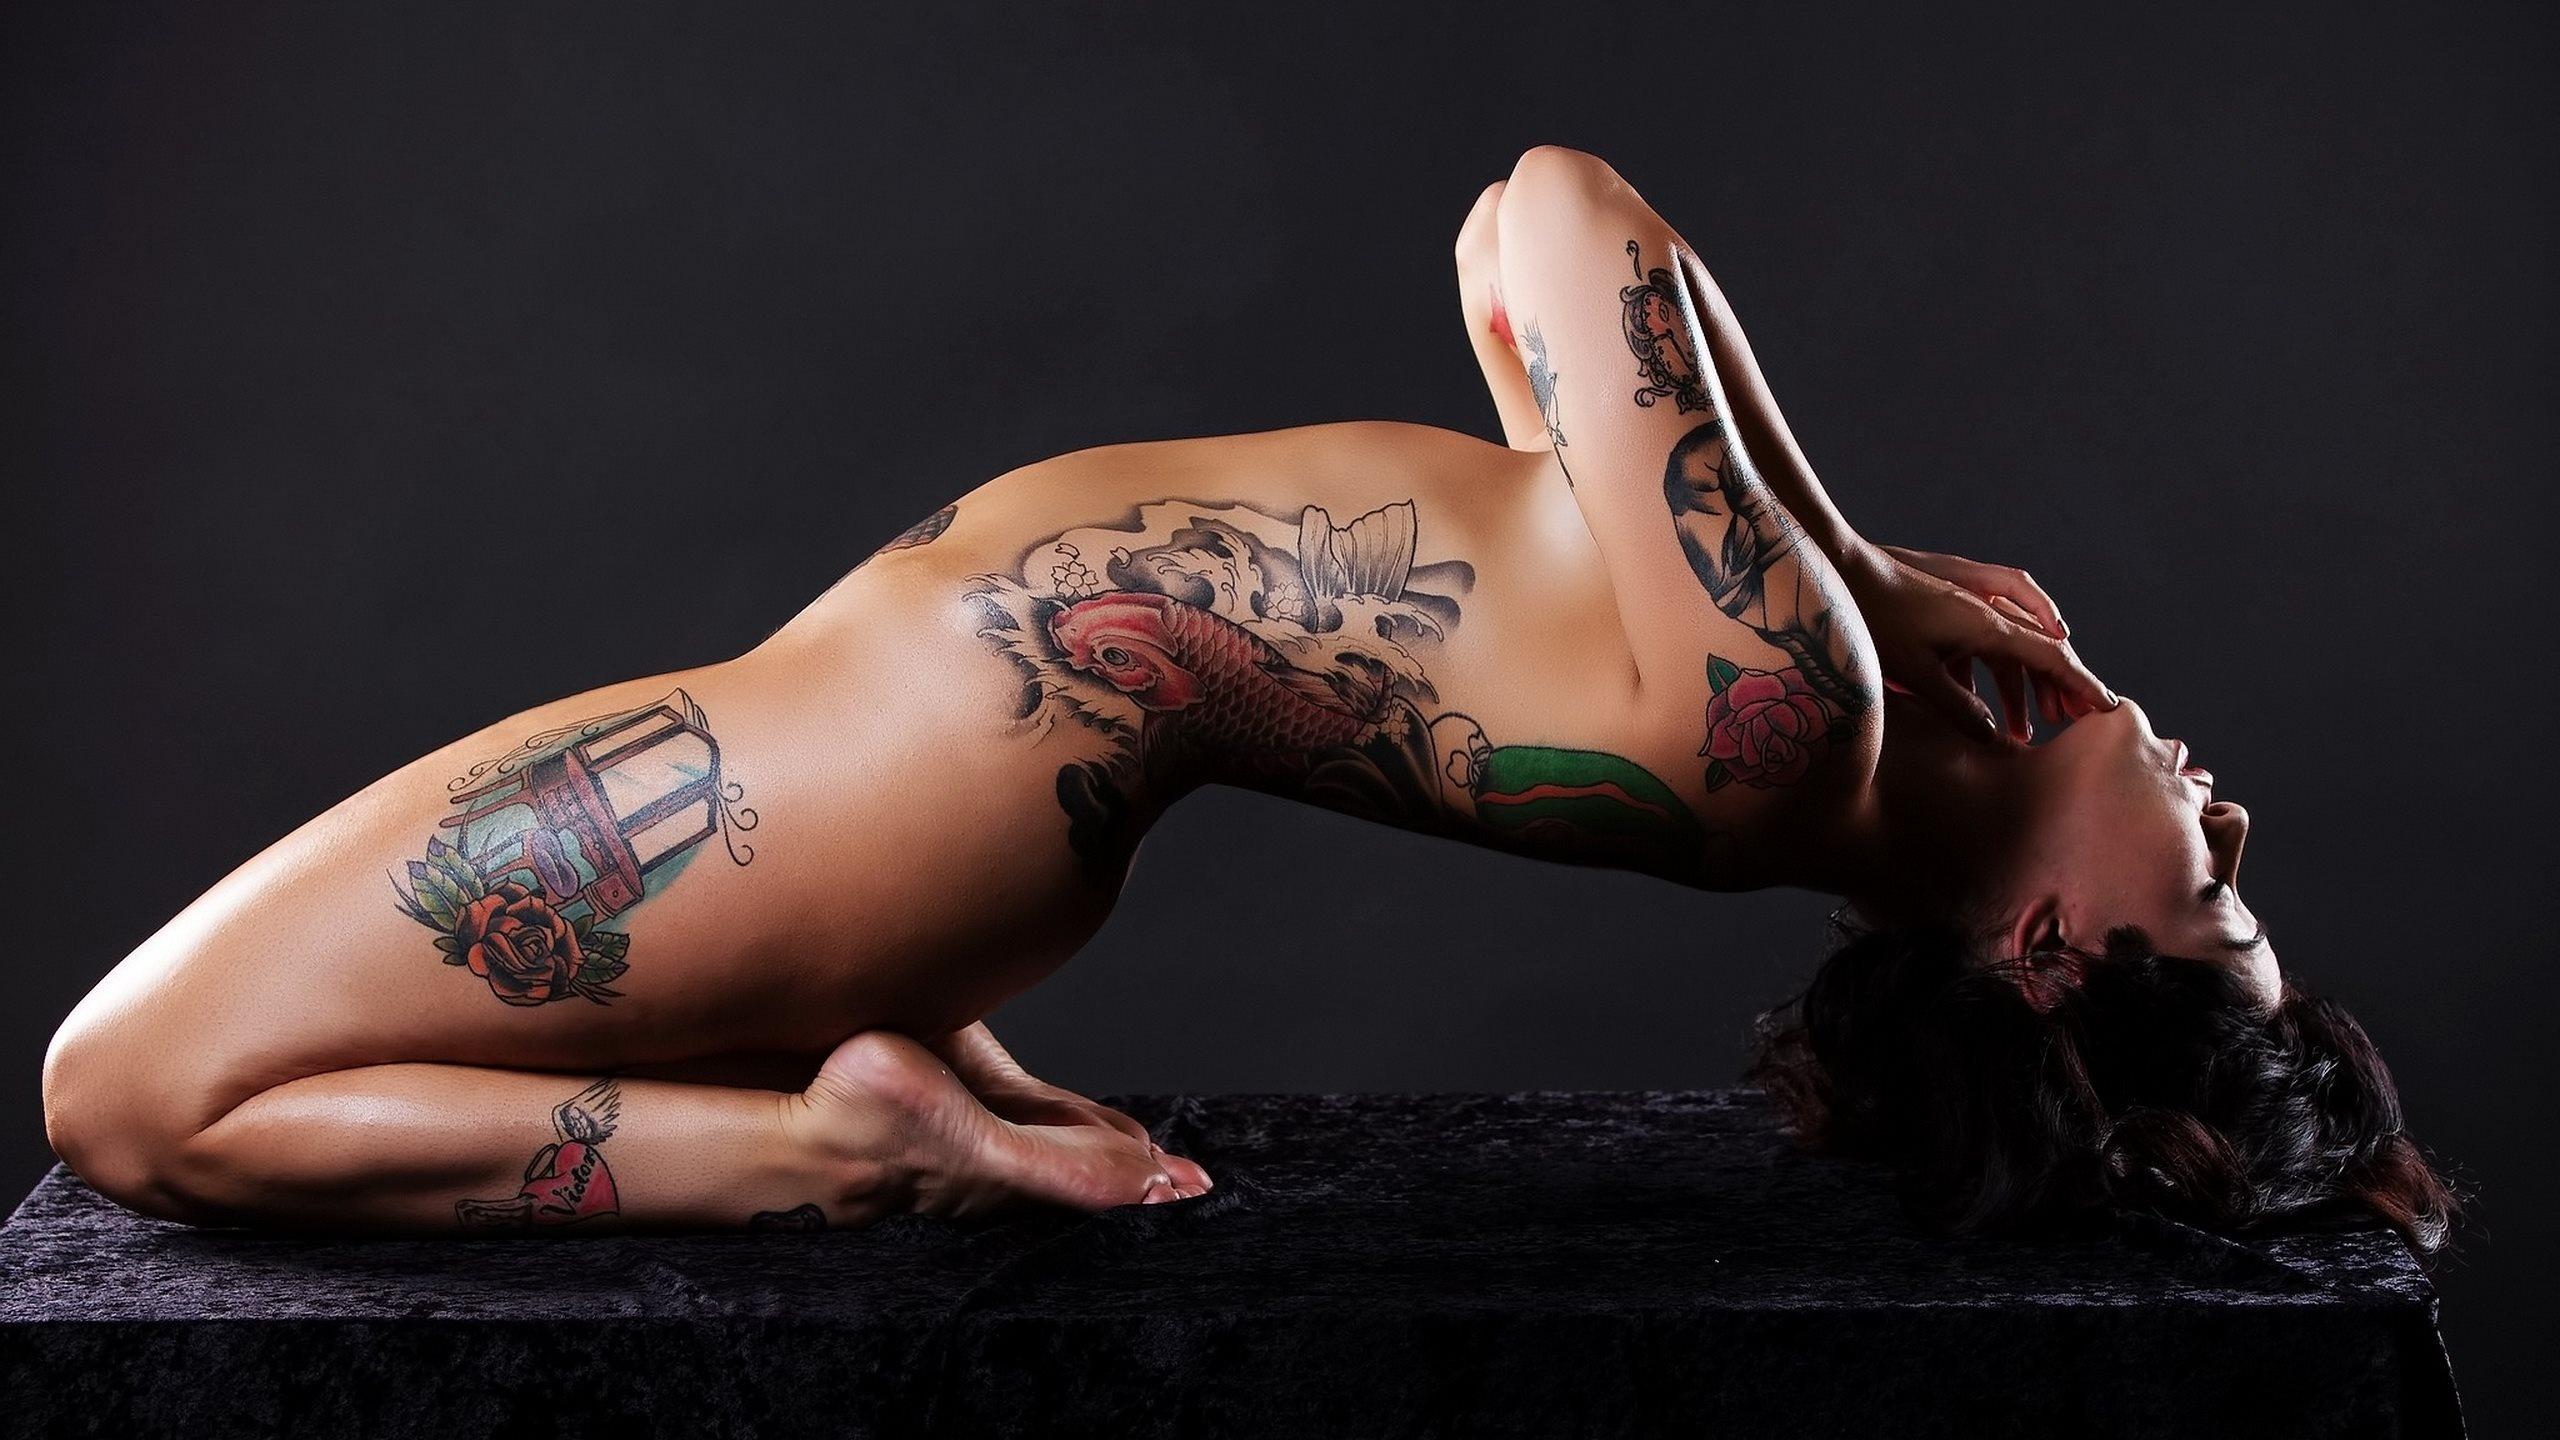 Most tattooed woman naked, beautiful naked brazillian girl ass